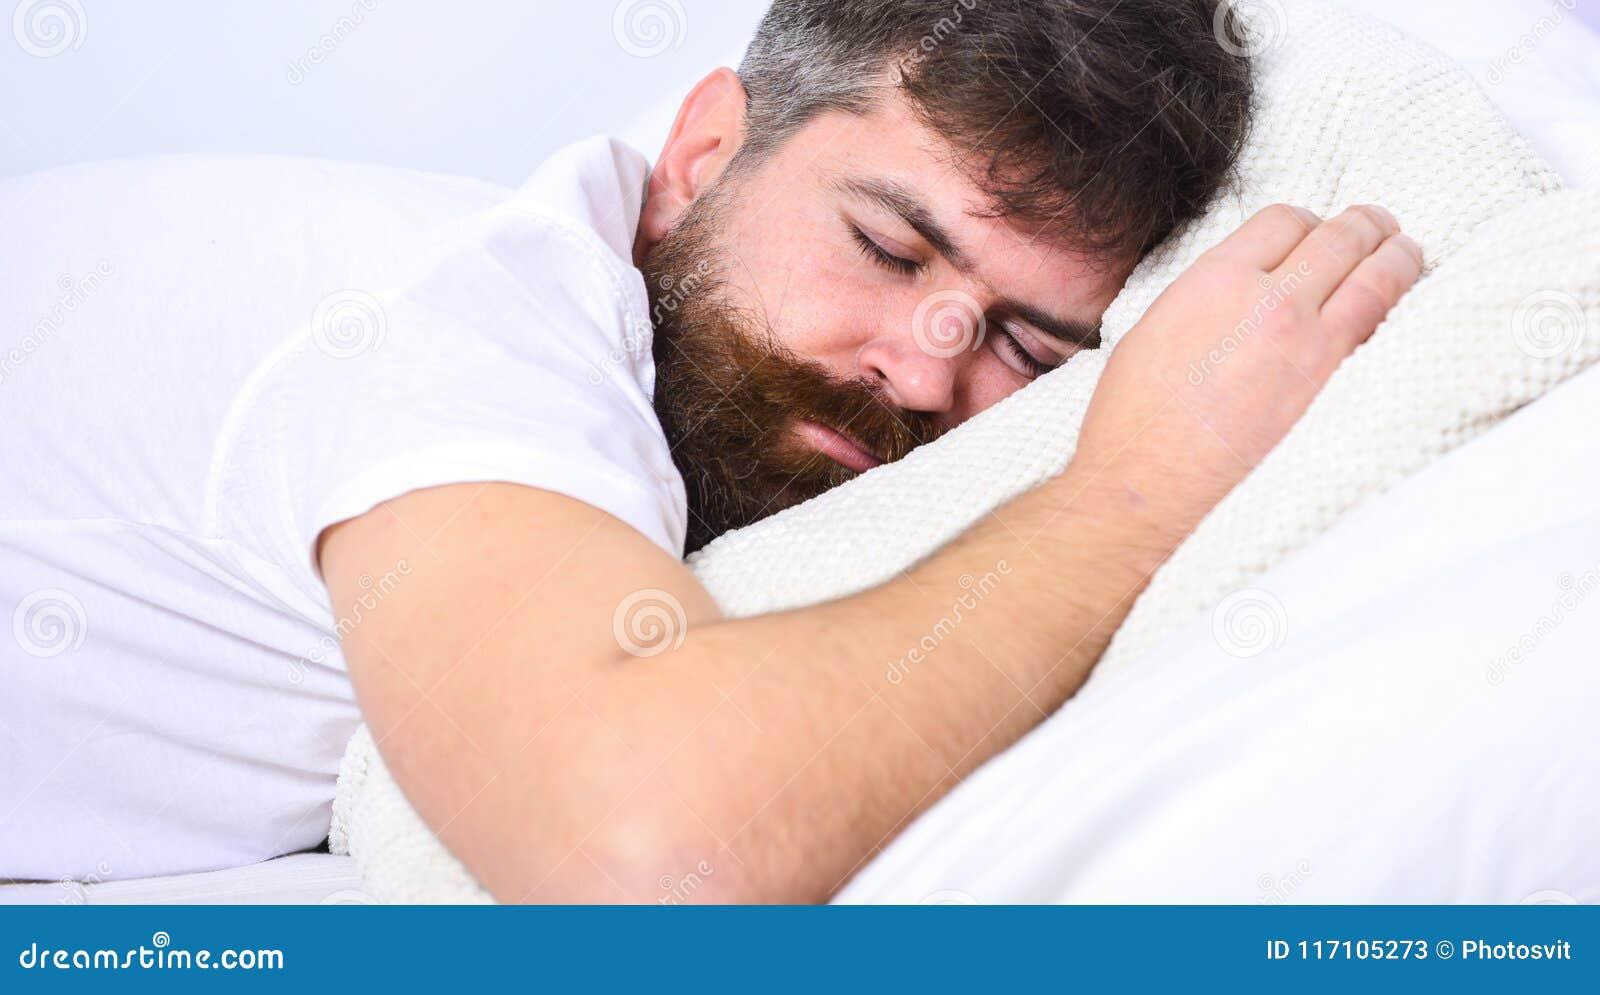 Mężczyzna kłaść na łóżku w koszula, biel ściana na tle Macho z brody i wąsy dosypianiem, relaksujący, mieć drzemkę, odpoczynek